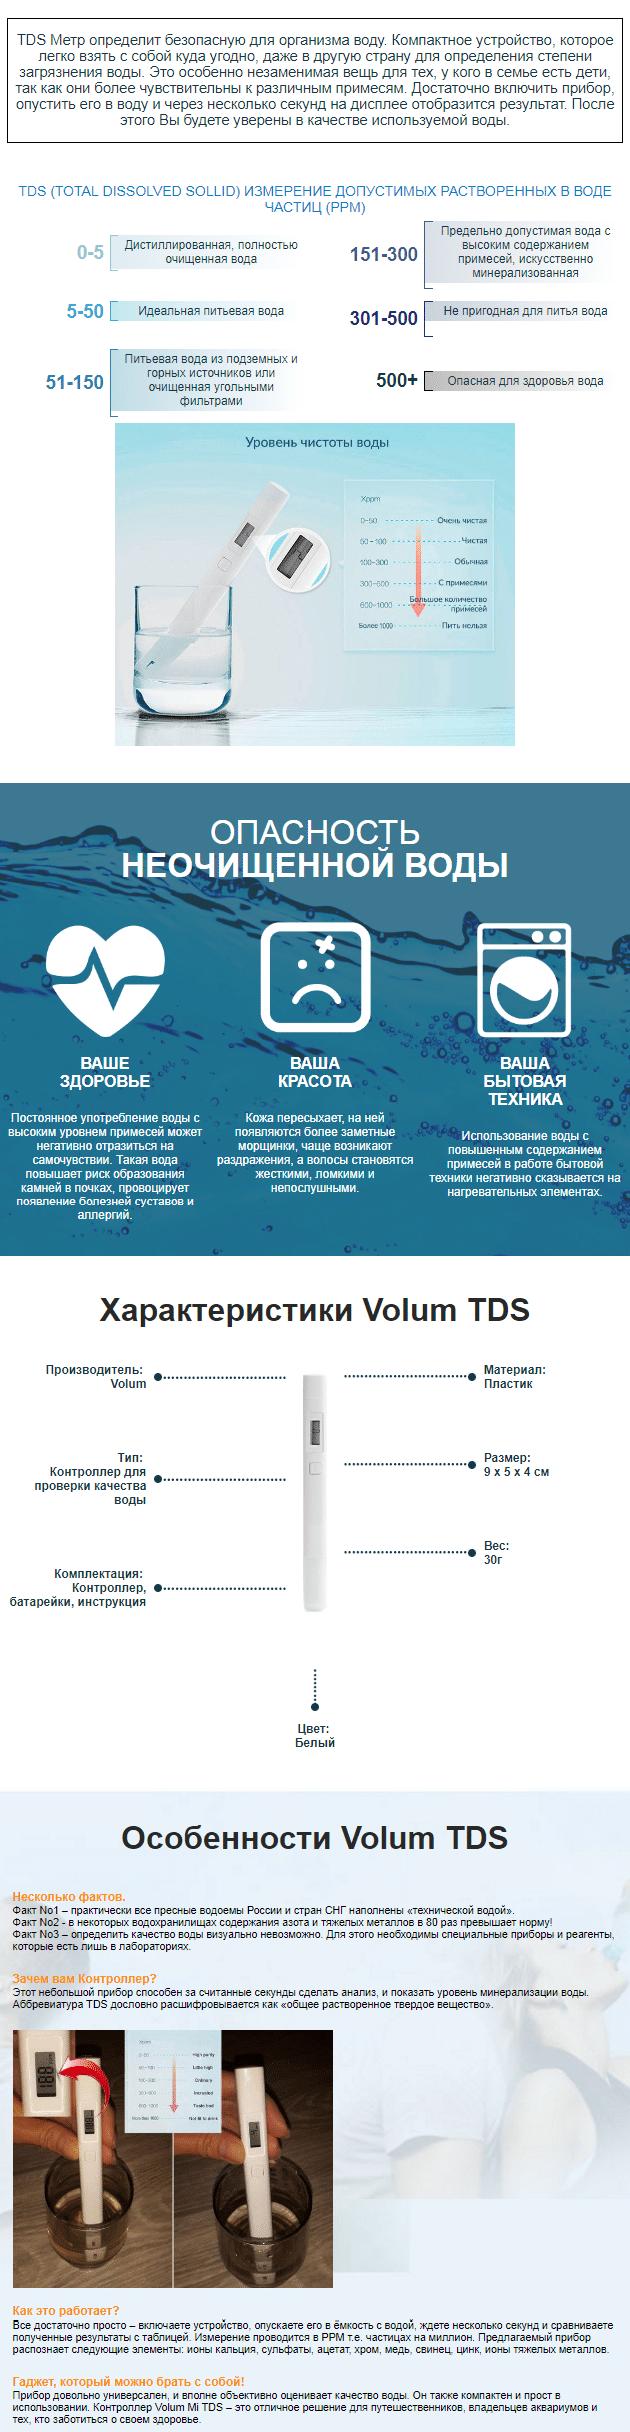 Контроллер воды Volum TDS купить